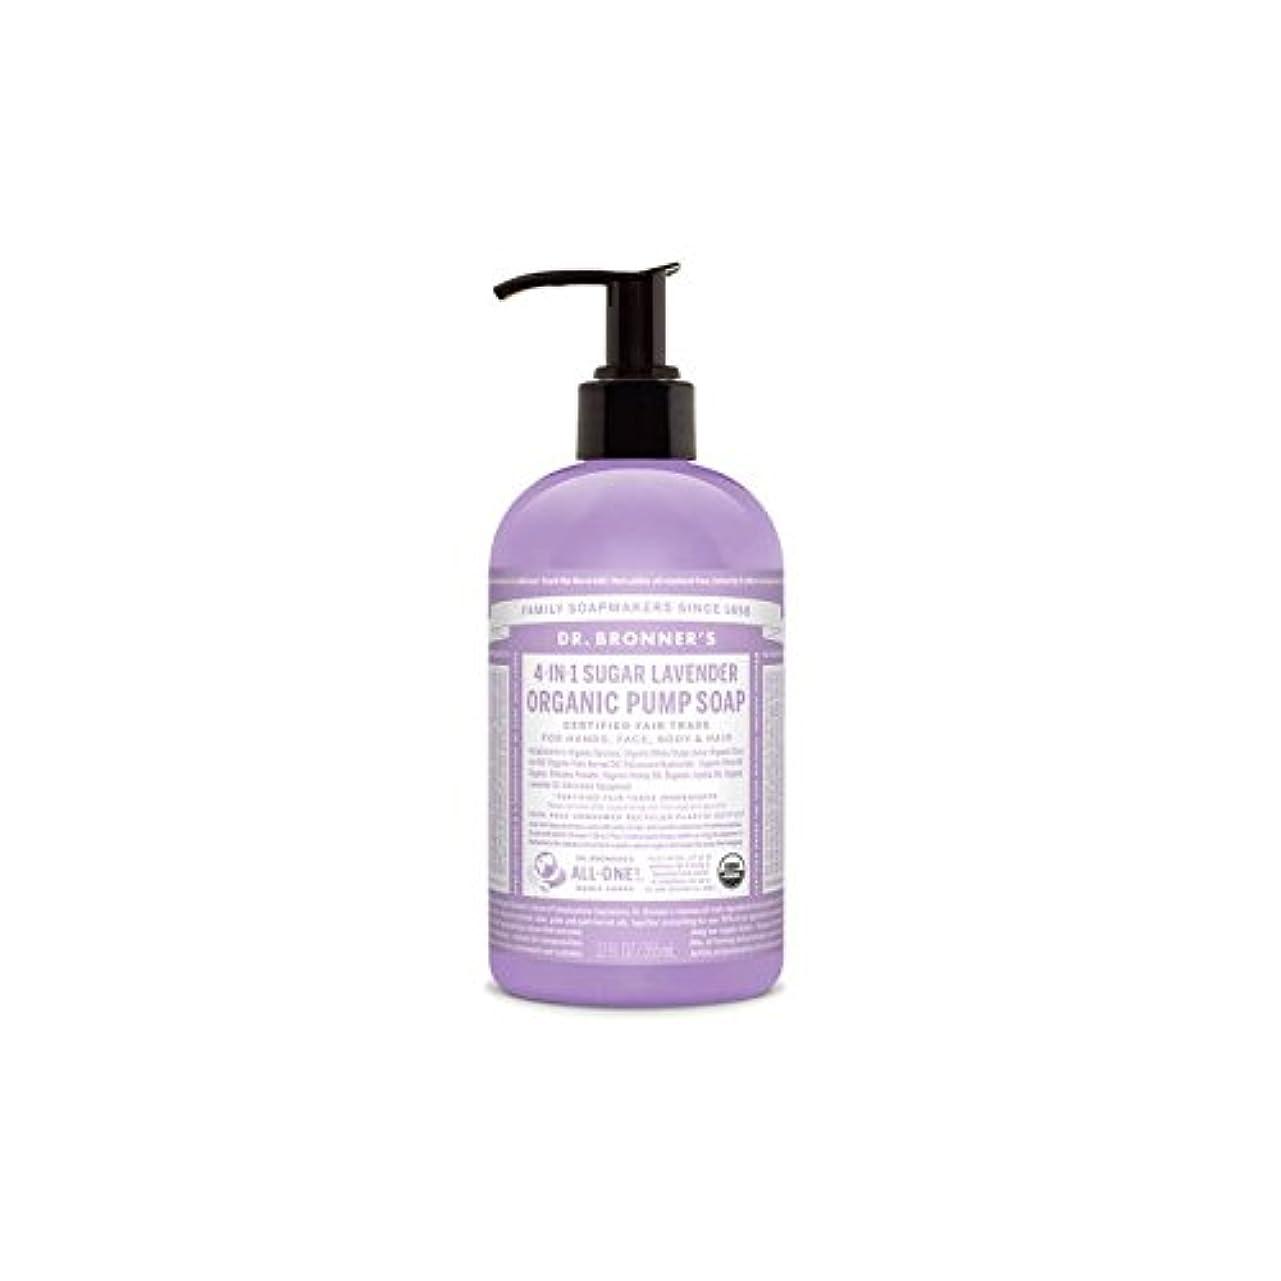 巻き戻すずっと漏斗ブロナー有機ラベンダーハンドソープ(355ミリリットル) x2 - Dr. Bronner Organic Shikakai Lavender Hand Soap (355ml) (Pack of 2) [並行輸入品]